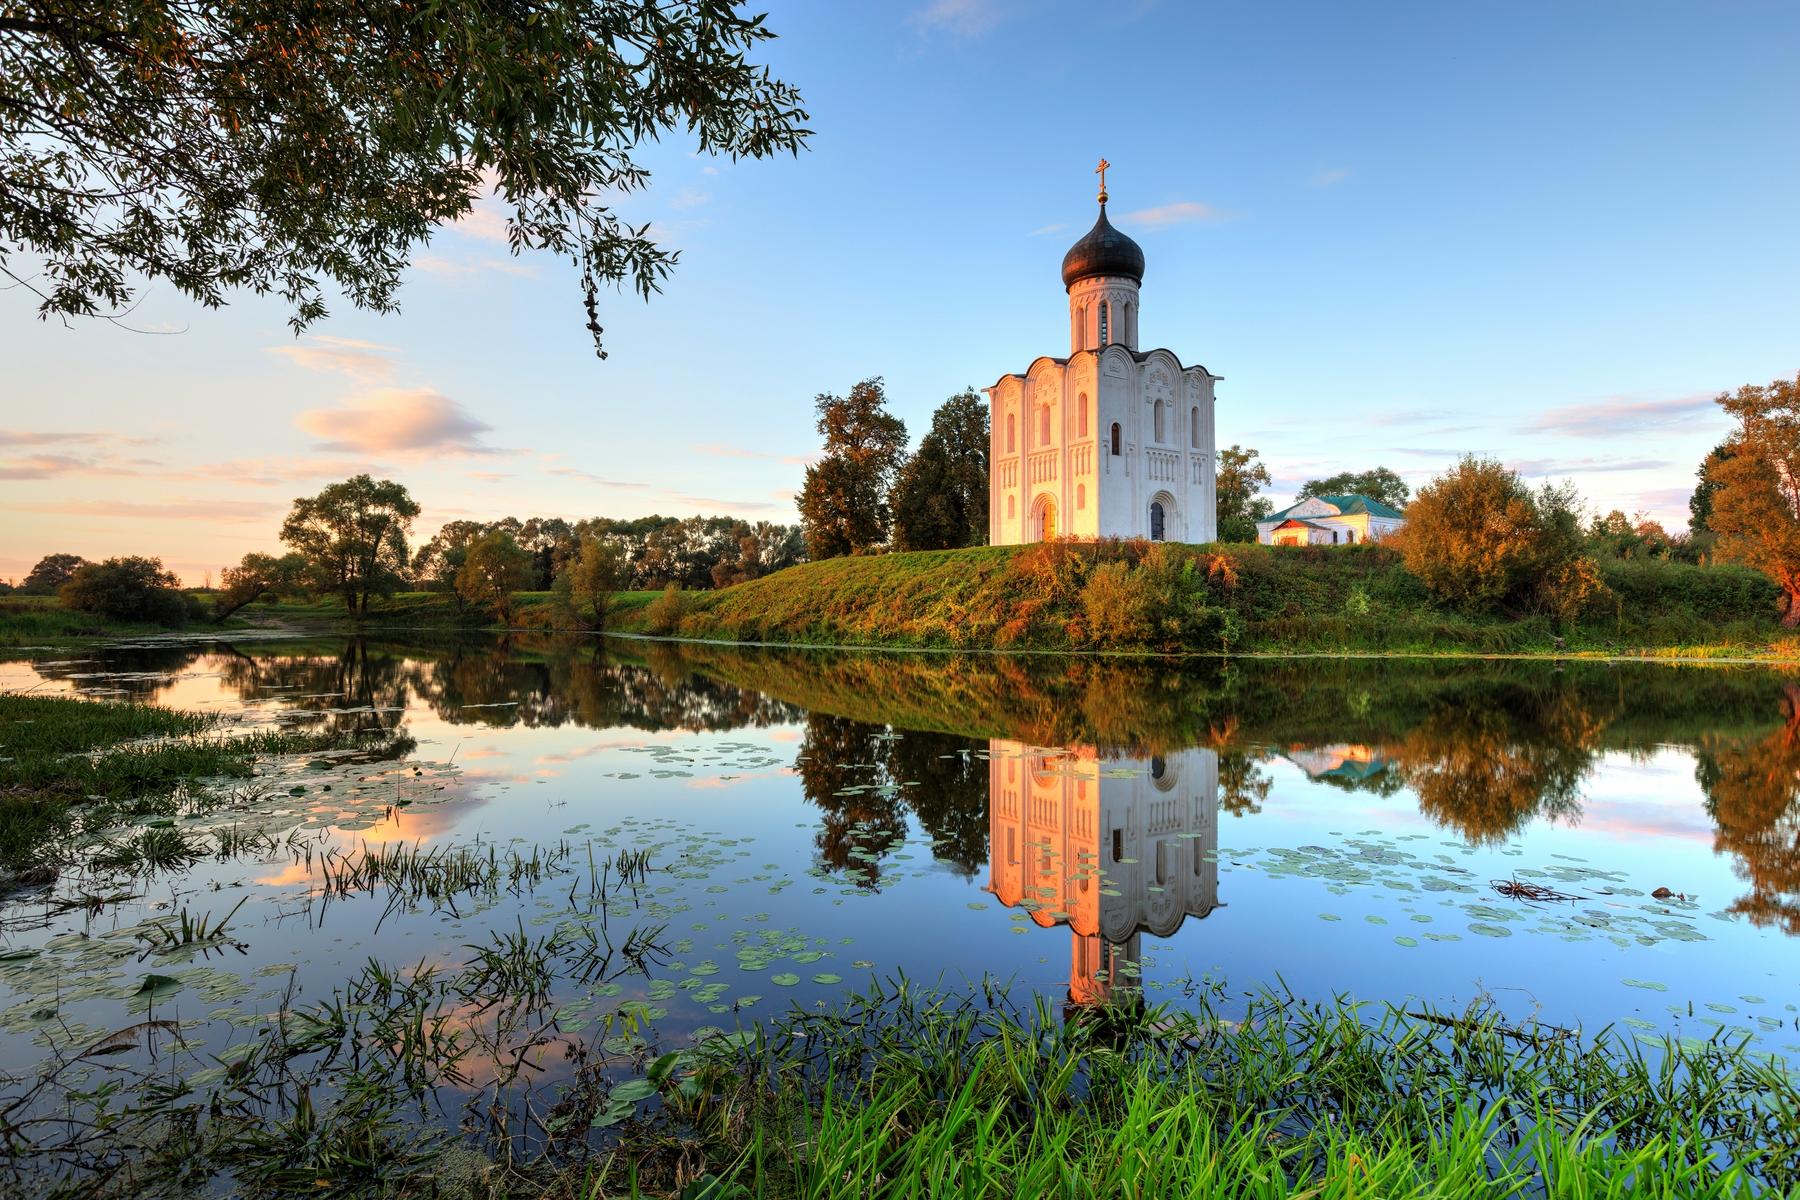 Церковь Покрова на Нерли в поселке Боголюбово Владимирской области